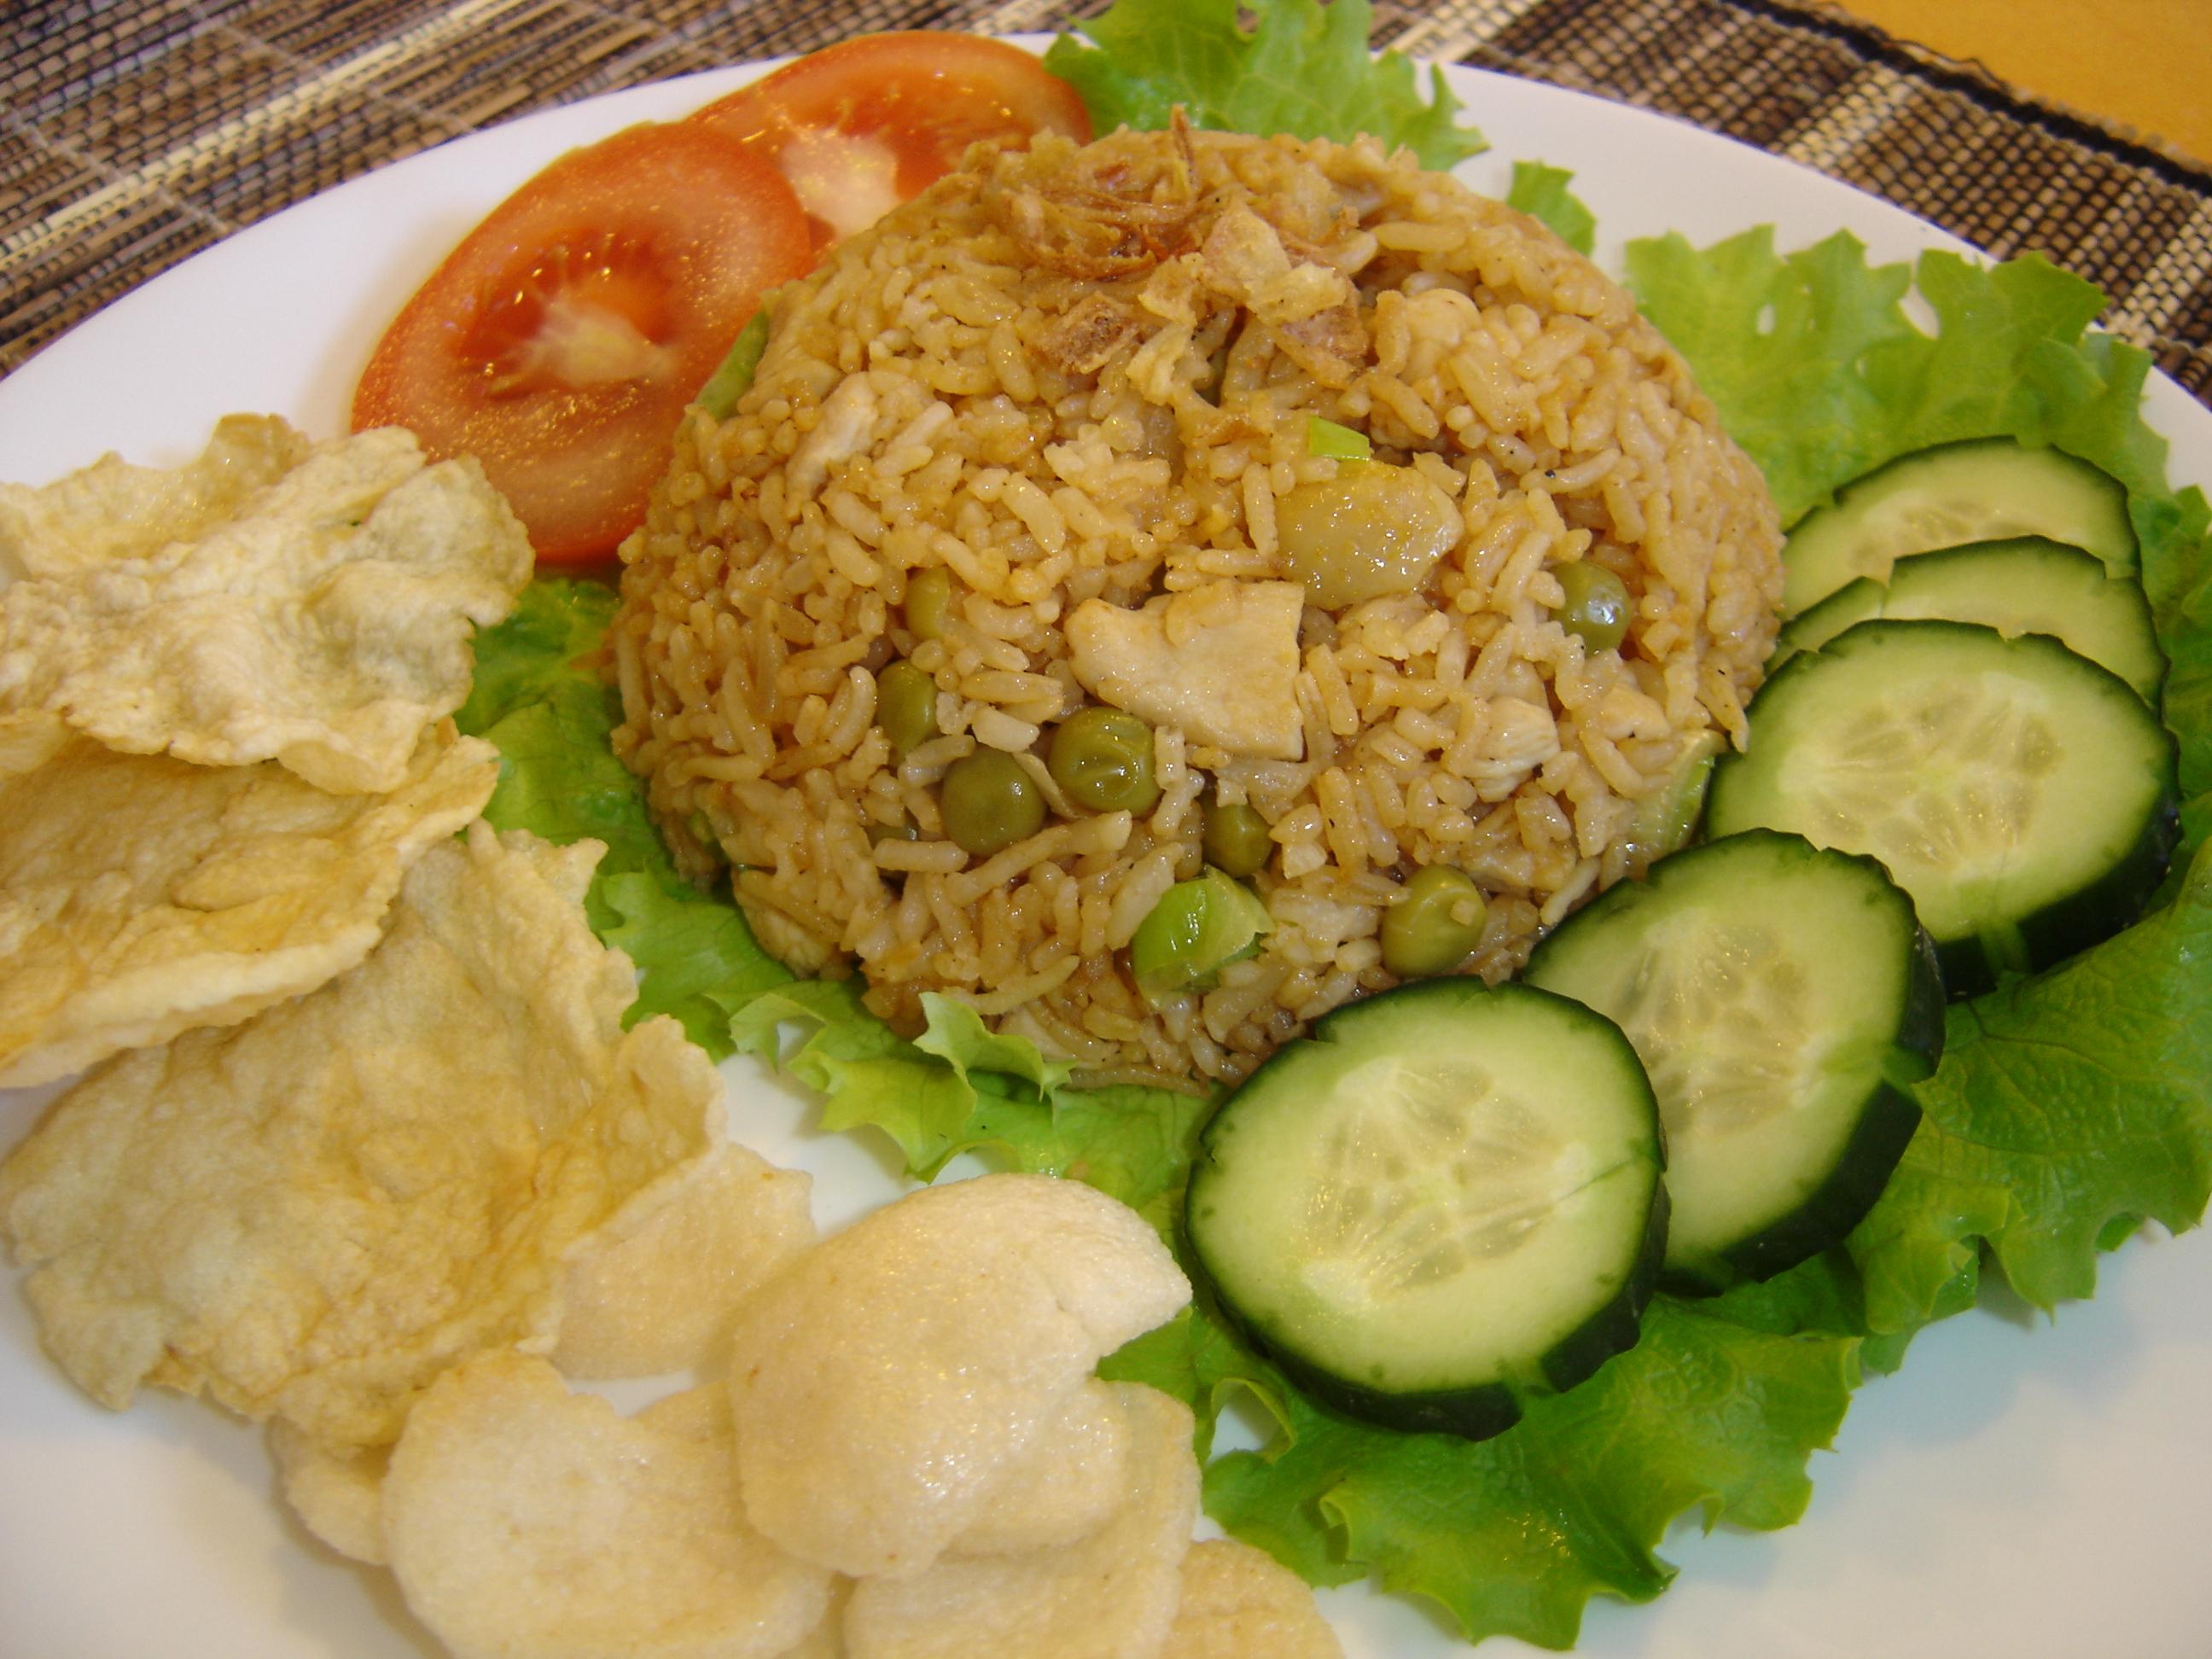 Tasty indonesian food nasi goreng ayam nasi goreng ayam forumfinder Gallery